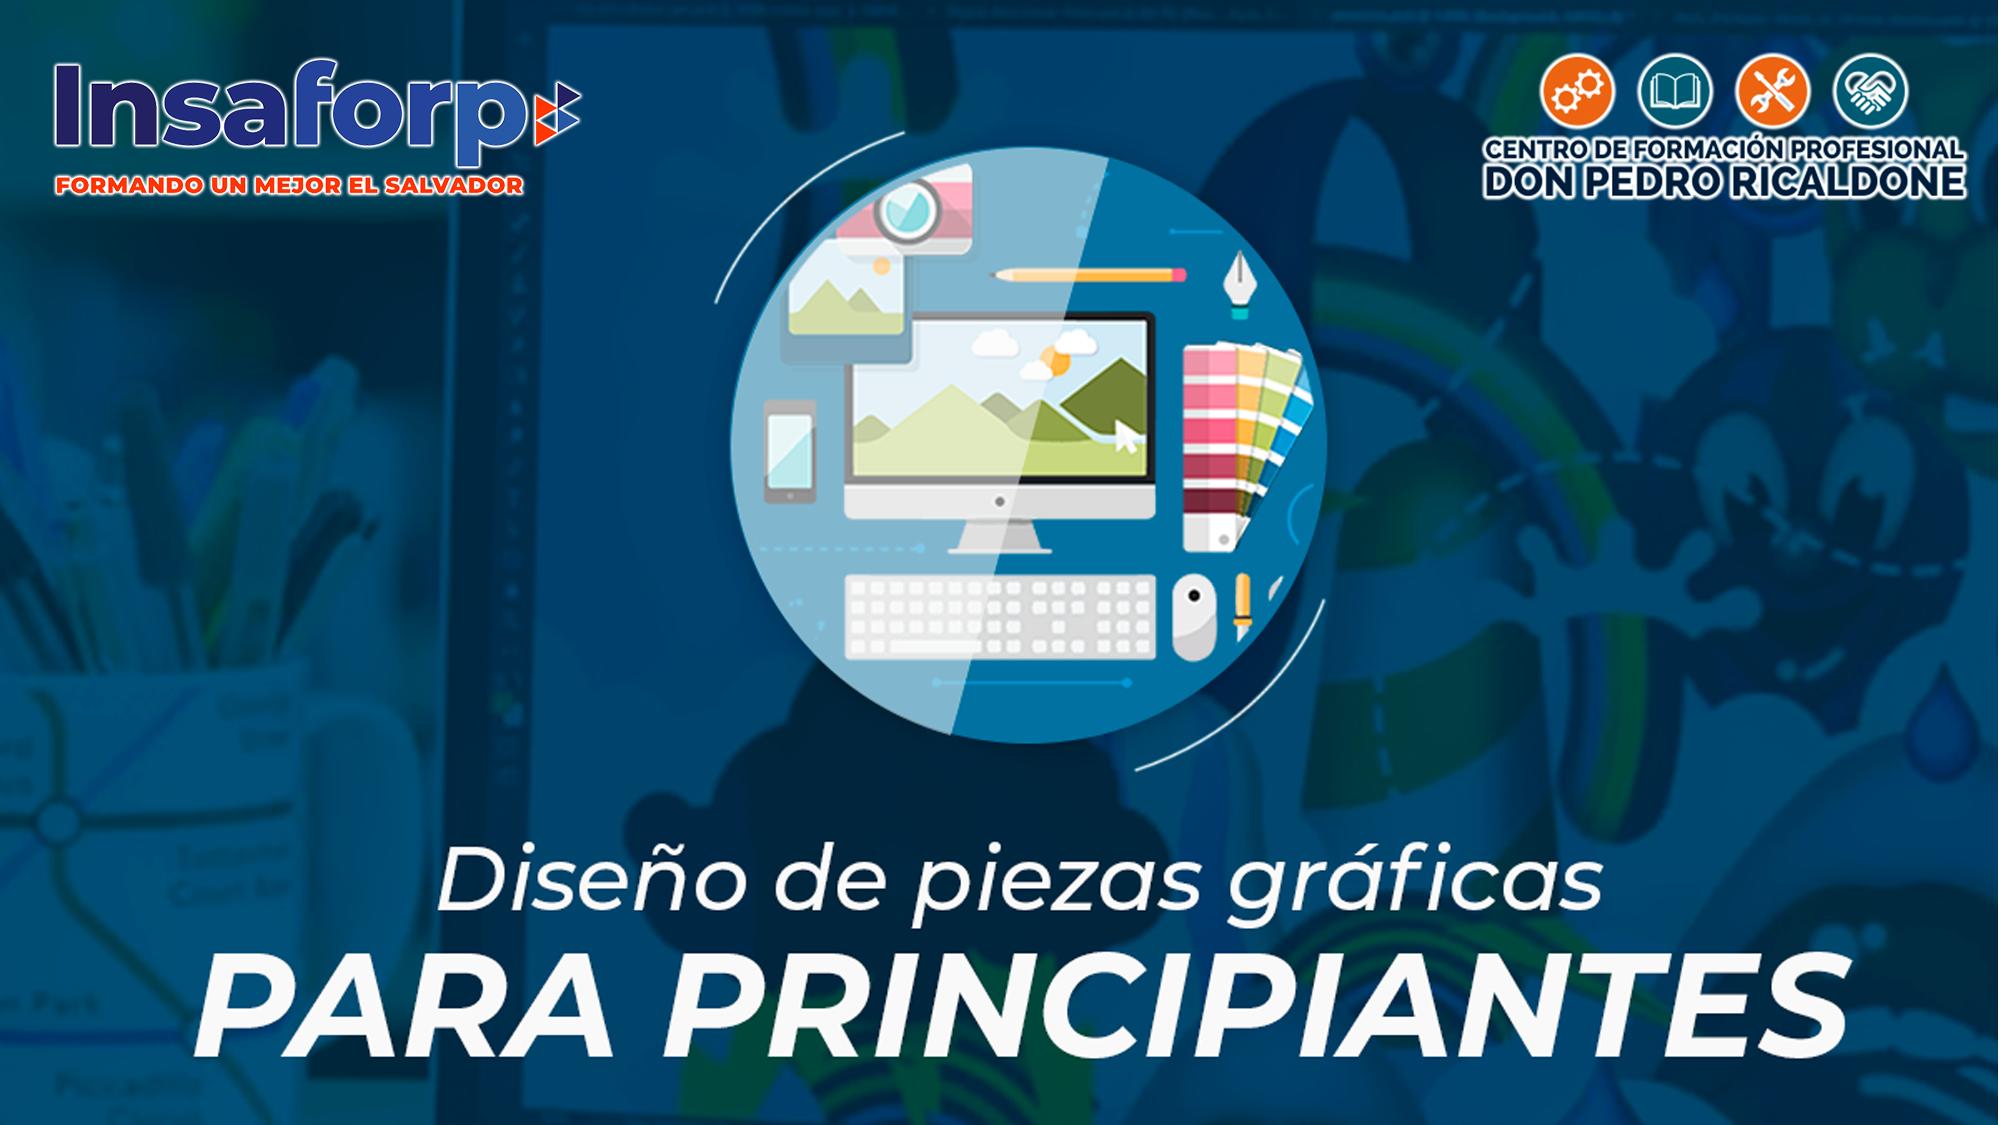 DISEÑOS DE PIEZAS GRÁFICAS PARA PRINCIPIANTES - PROESP-ITRO-019